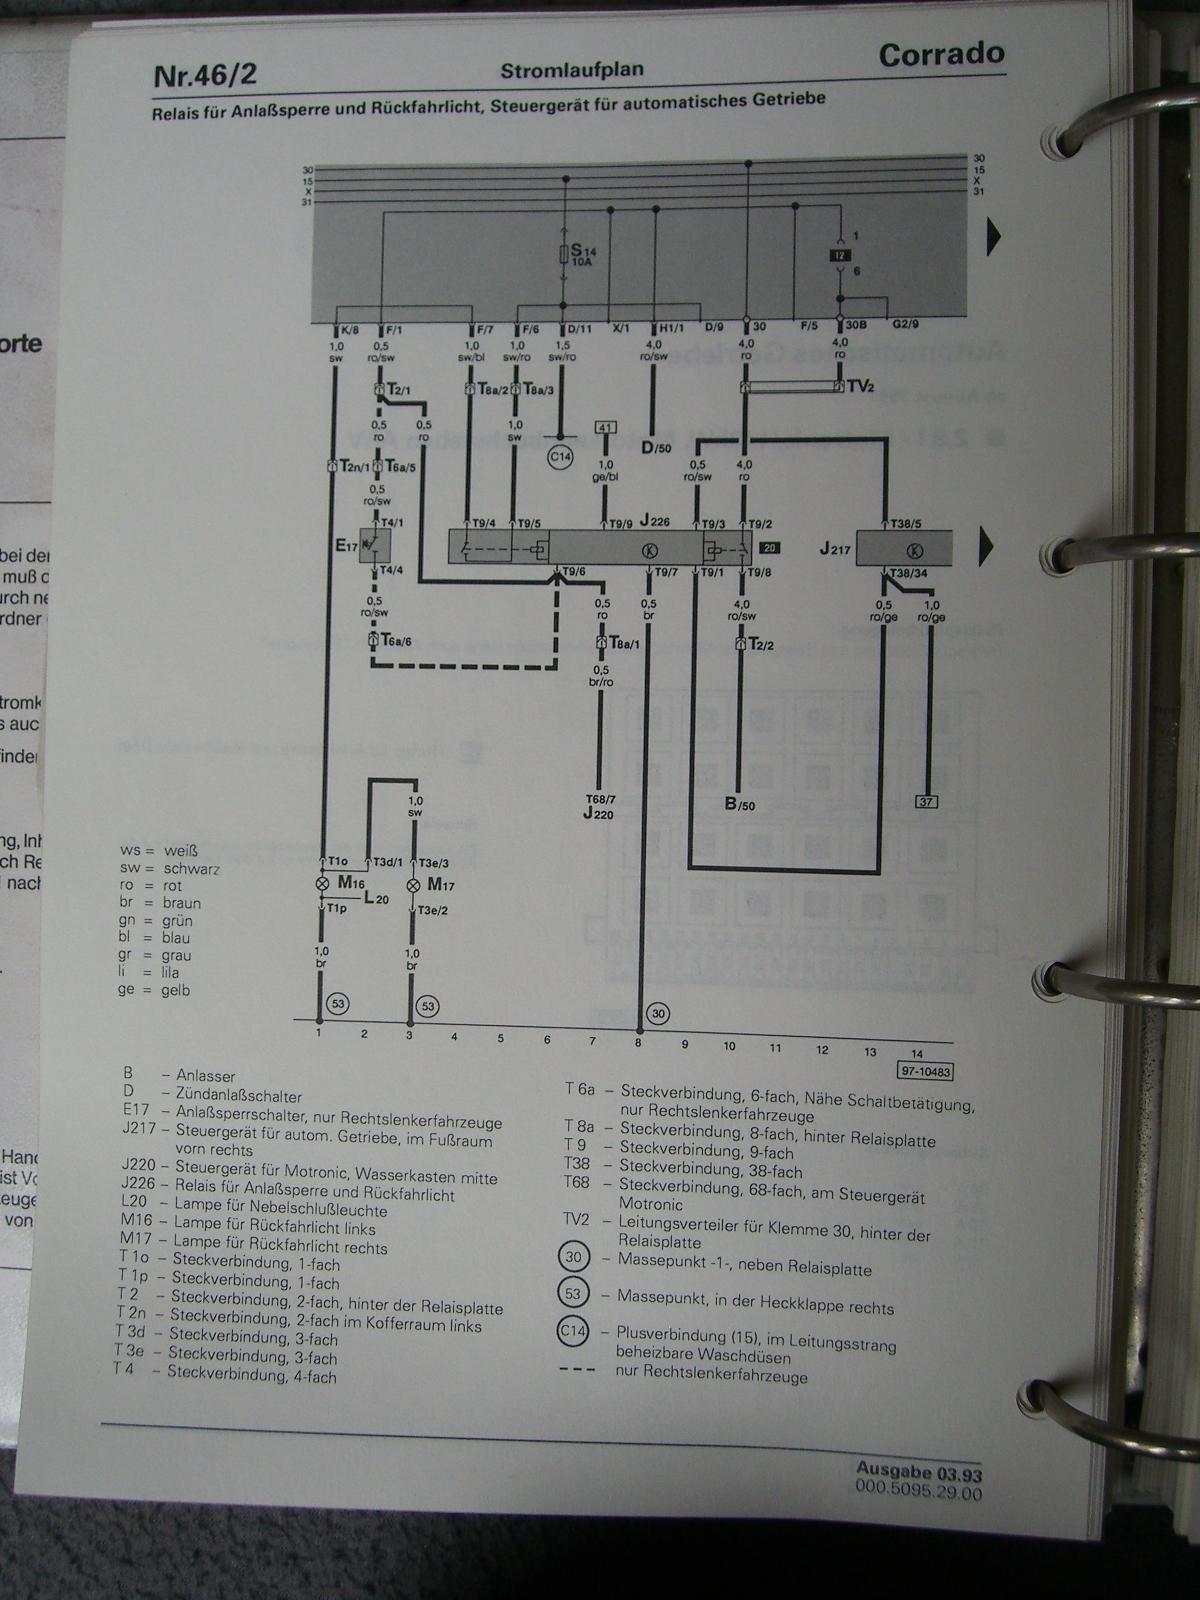 Ziemlich Stromlaufplan Impala Fotos - Schaltplan Serie Circuit ...